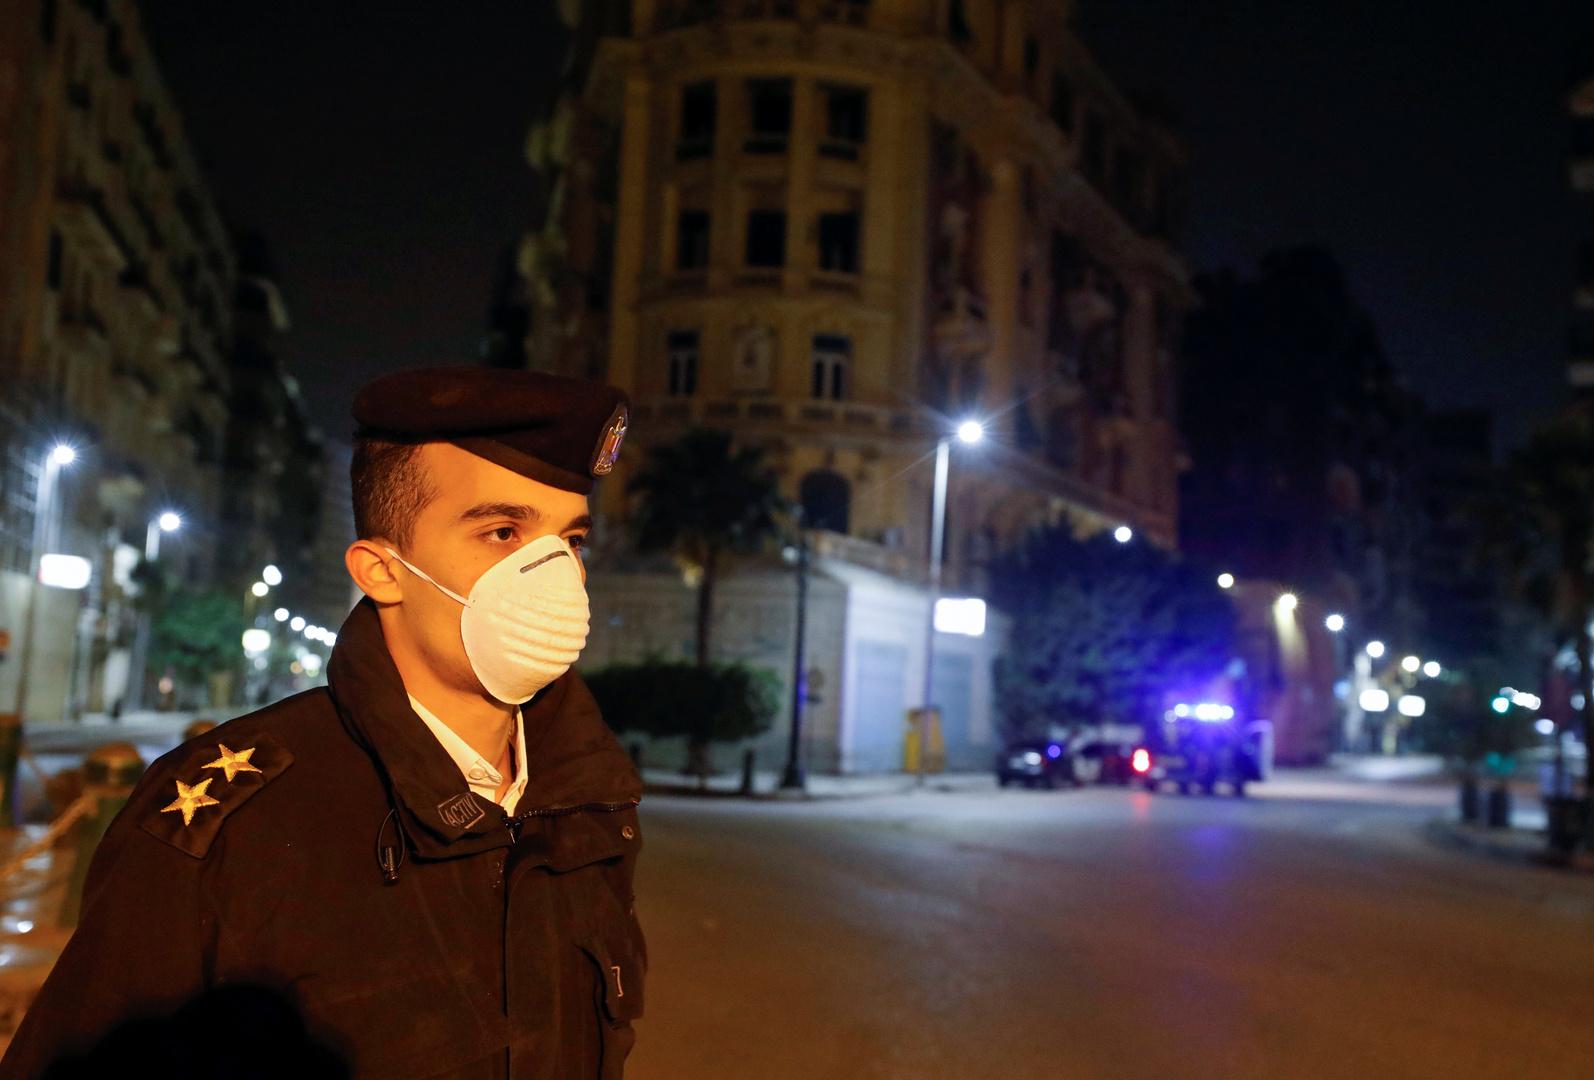 الداخلية المصرية تنفي شائعات حول تفشي كورونا بسجن في القاهرة بثتها قناة لـ الإخوان  -